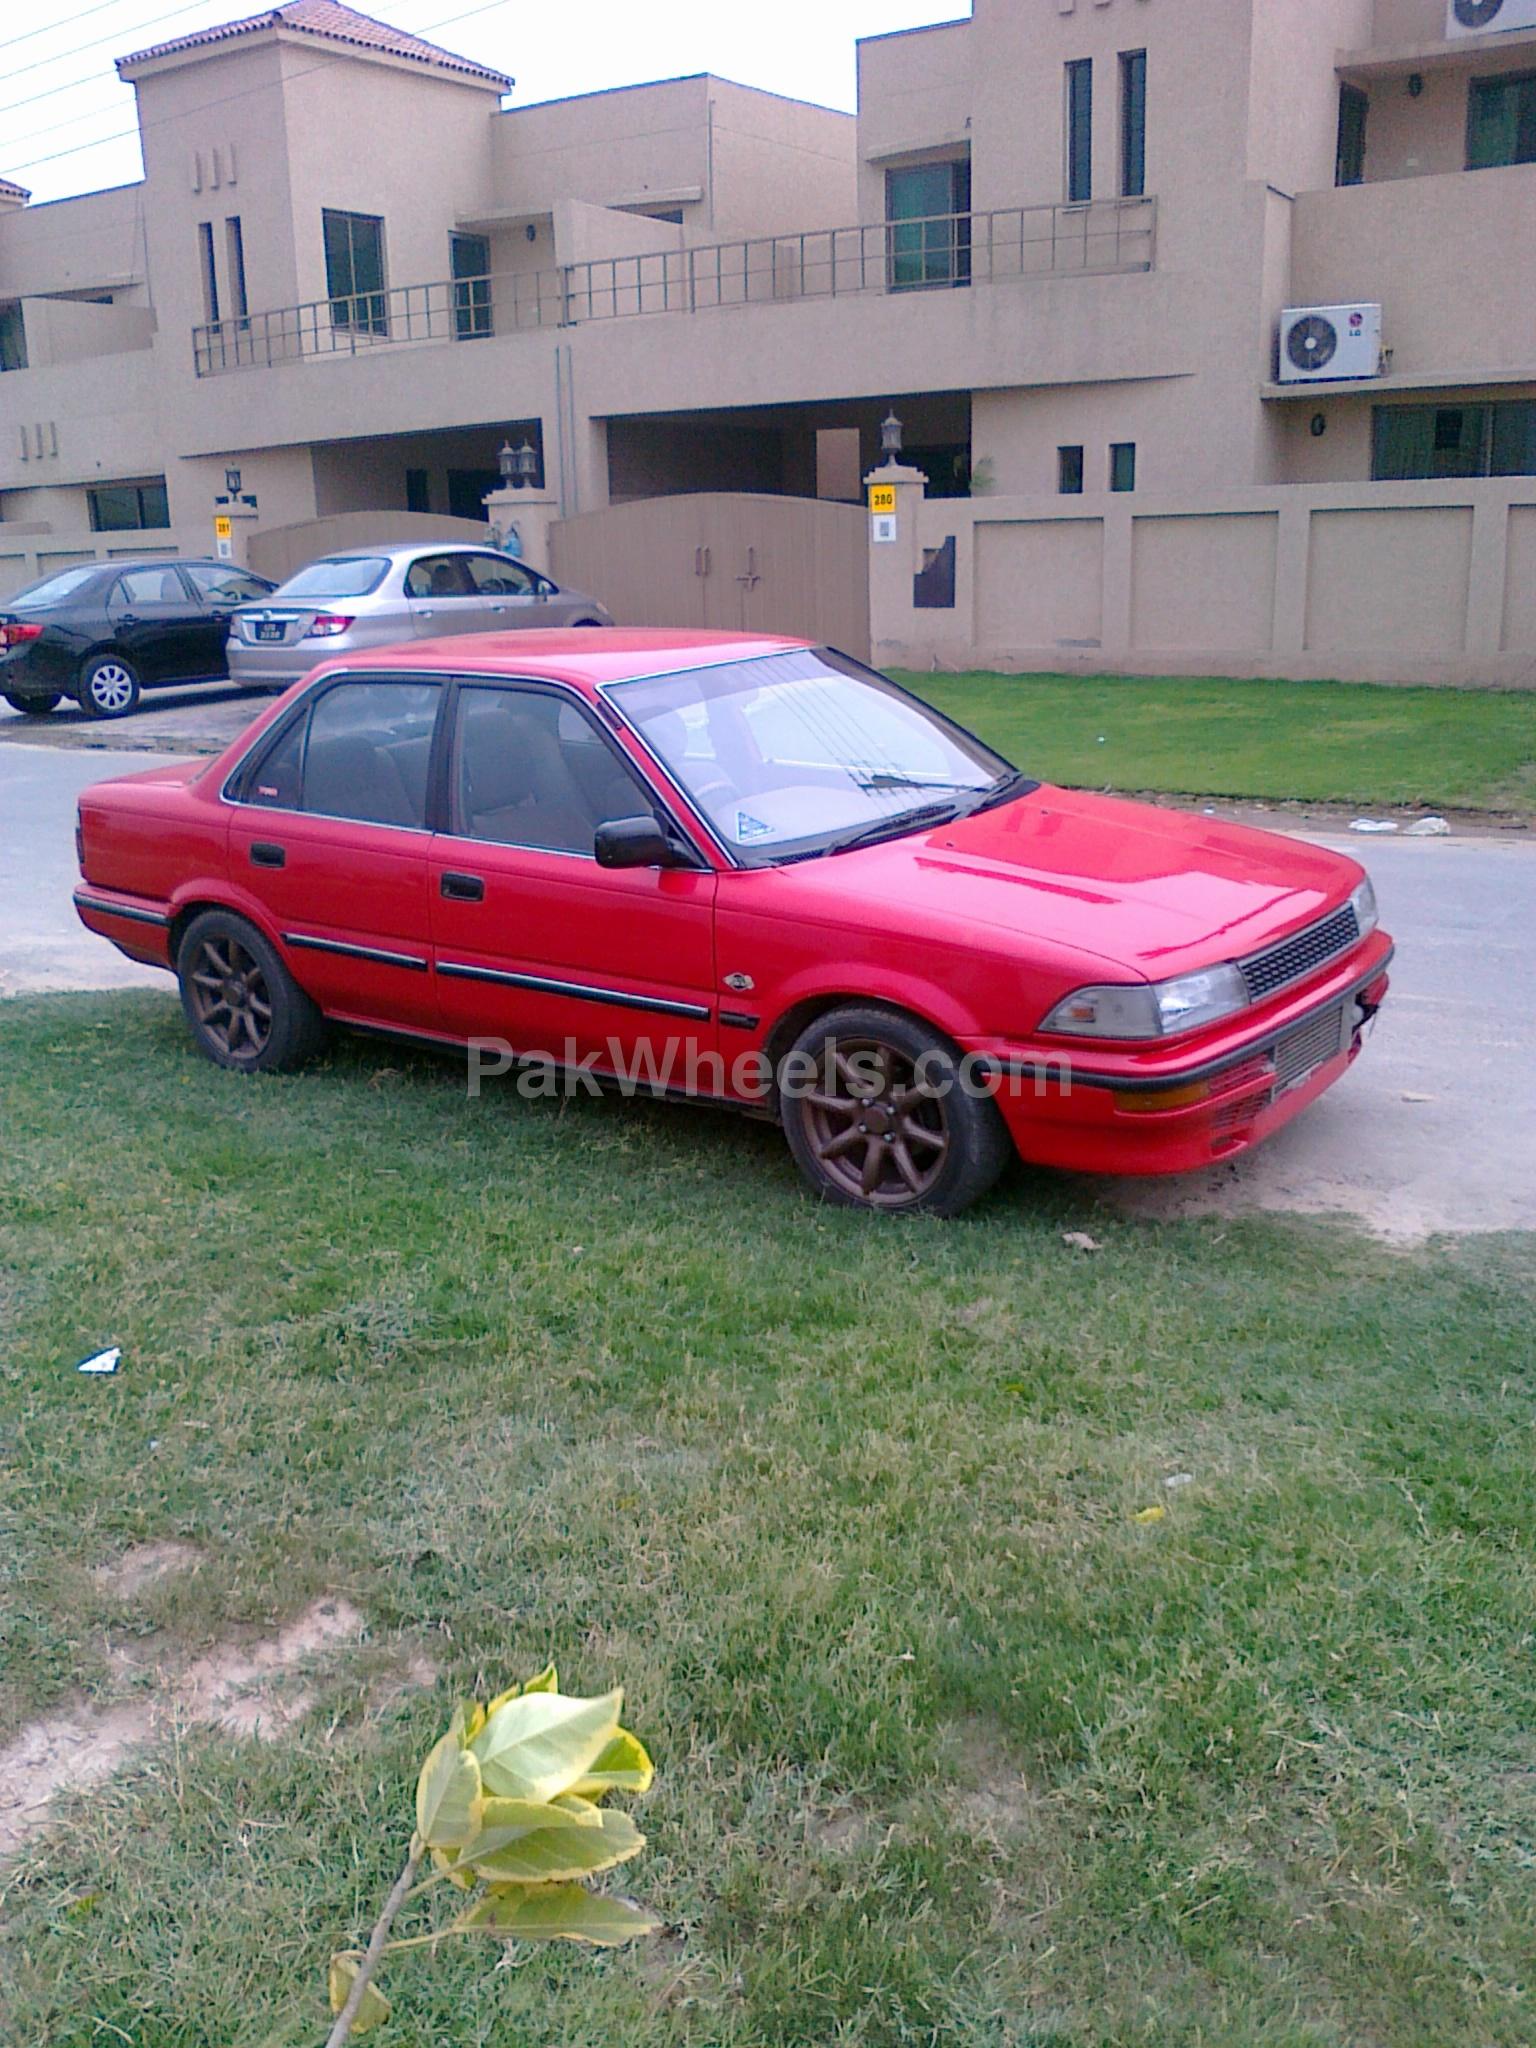 Kekurangan Toyota Corolla 1988 Top Model Tahun Ini